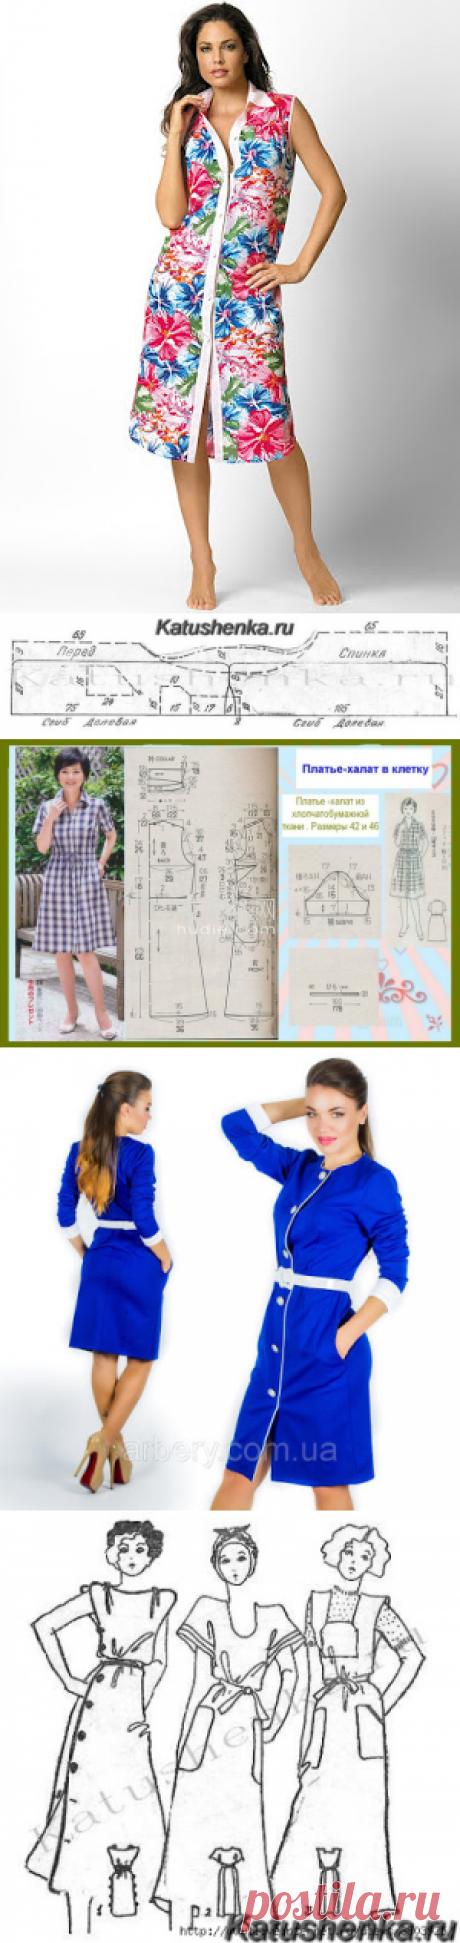 Мастера и умники: Платье-халат за полчаса и выкройка для него